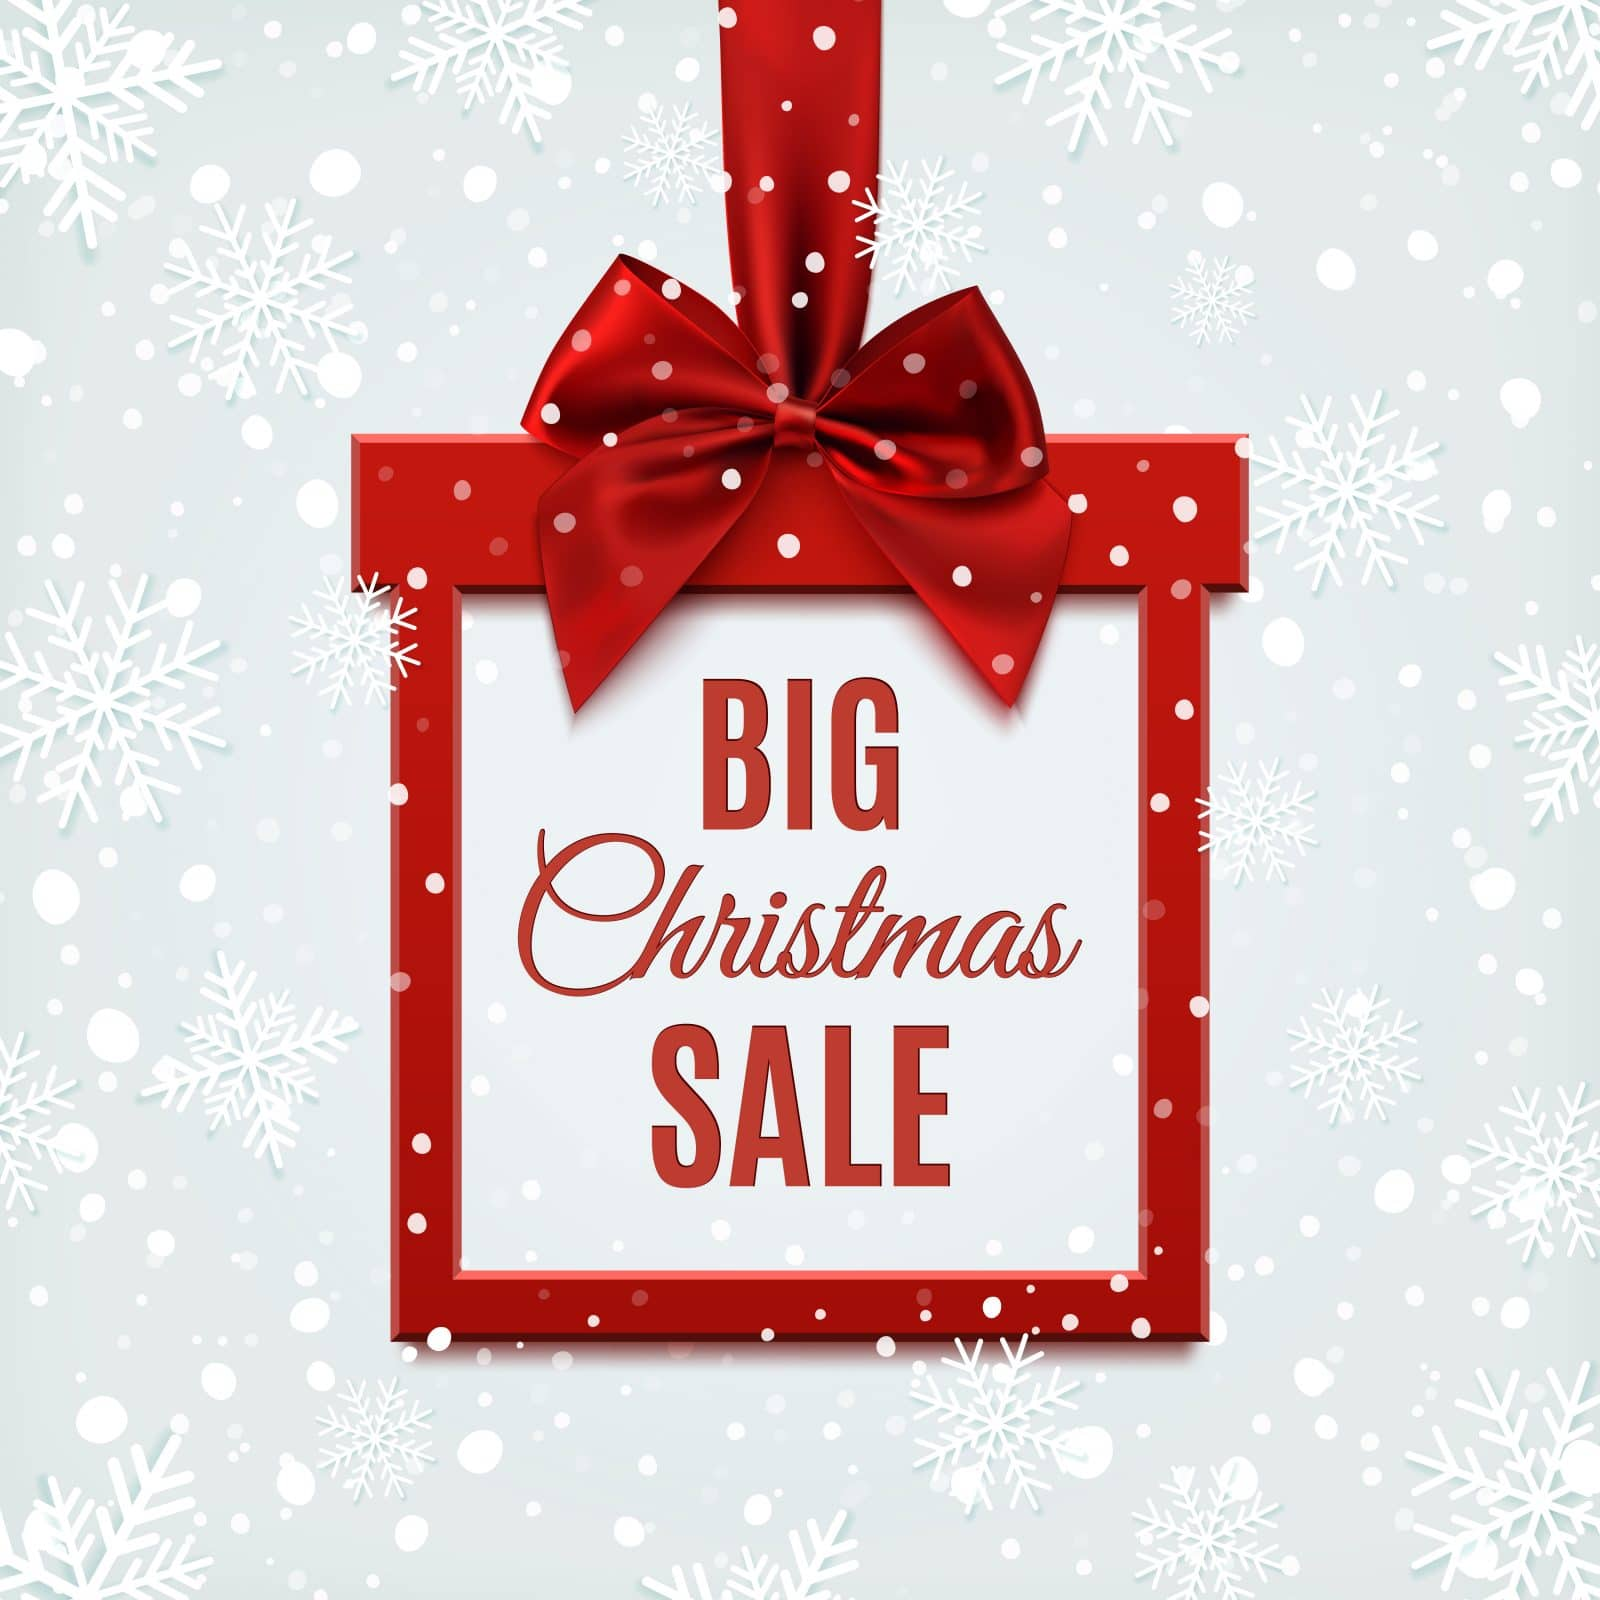 Big Christmas Sale Now On